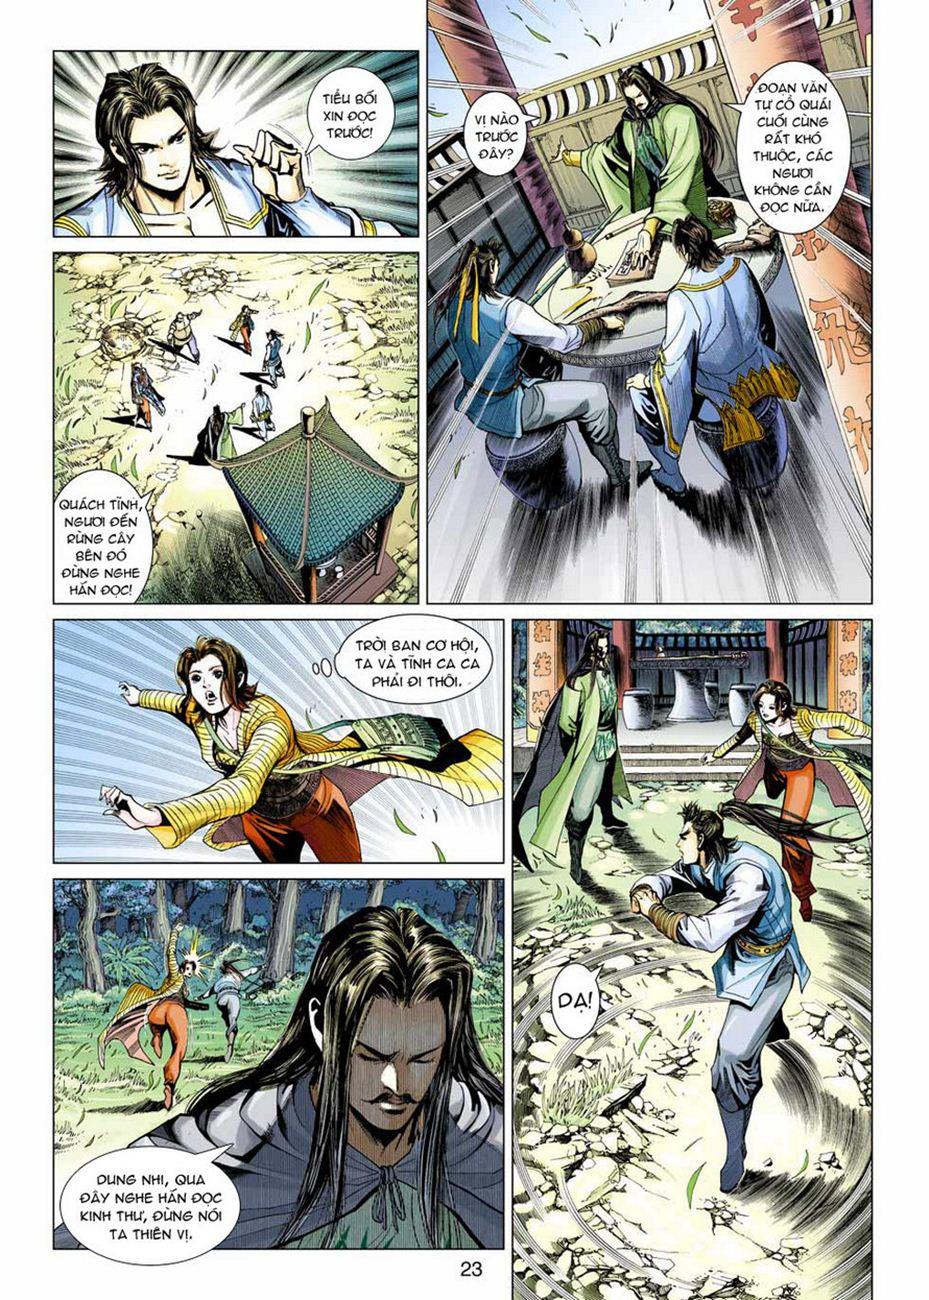 Anh Hùng Xạ Điêu anh hùng xạ đêu chap 47 trang 23